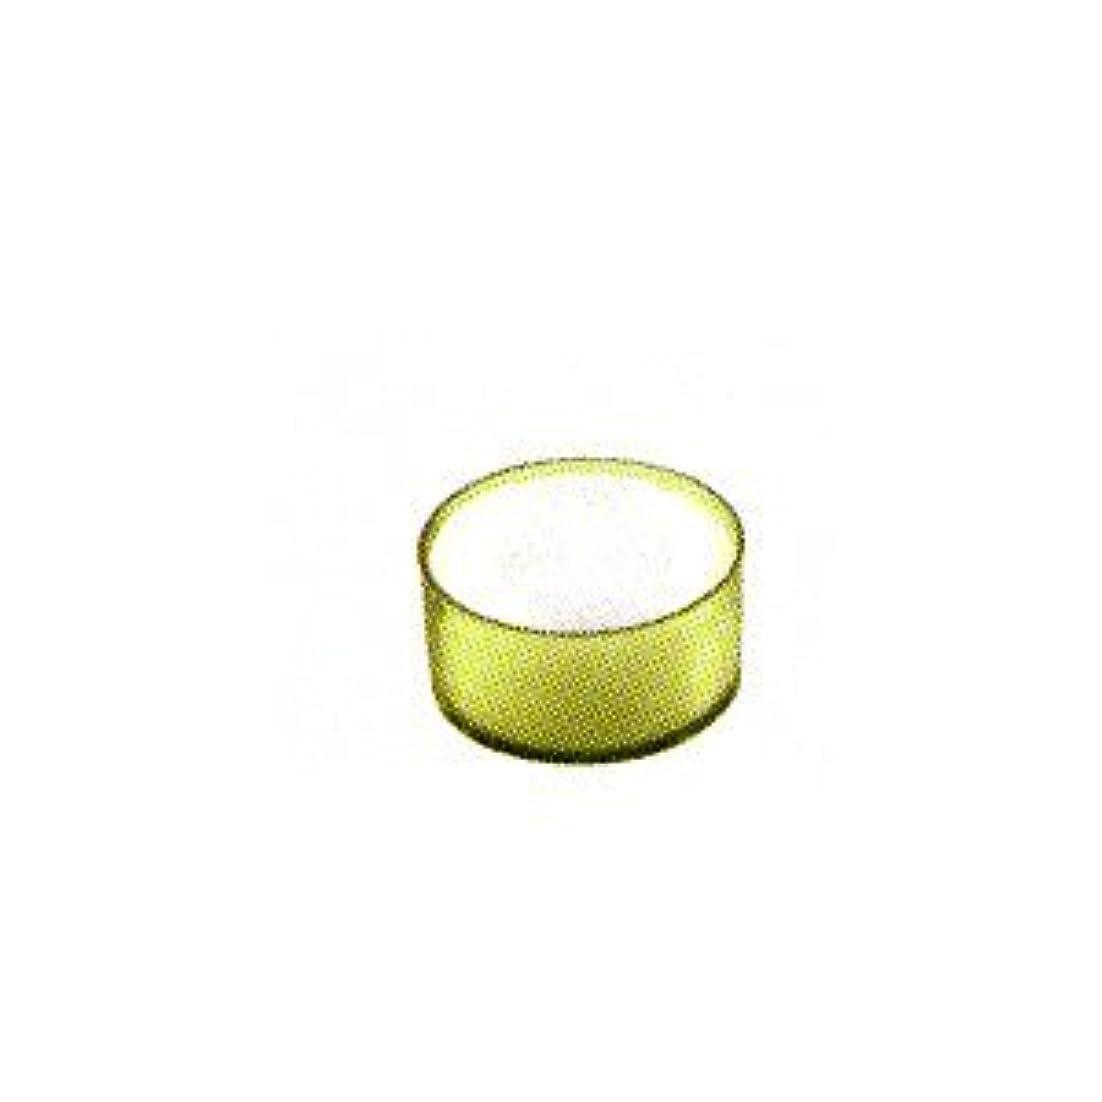 予防接種仕方ゾーンカメヤマキャンドル カラークリアカップ ティーライト グリーン 24個入